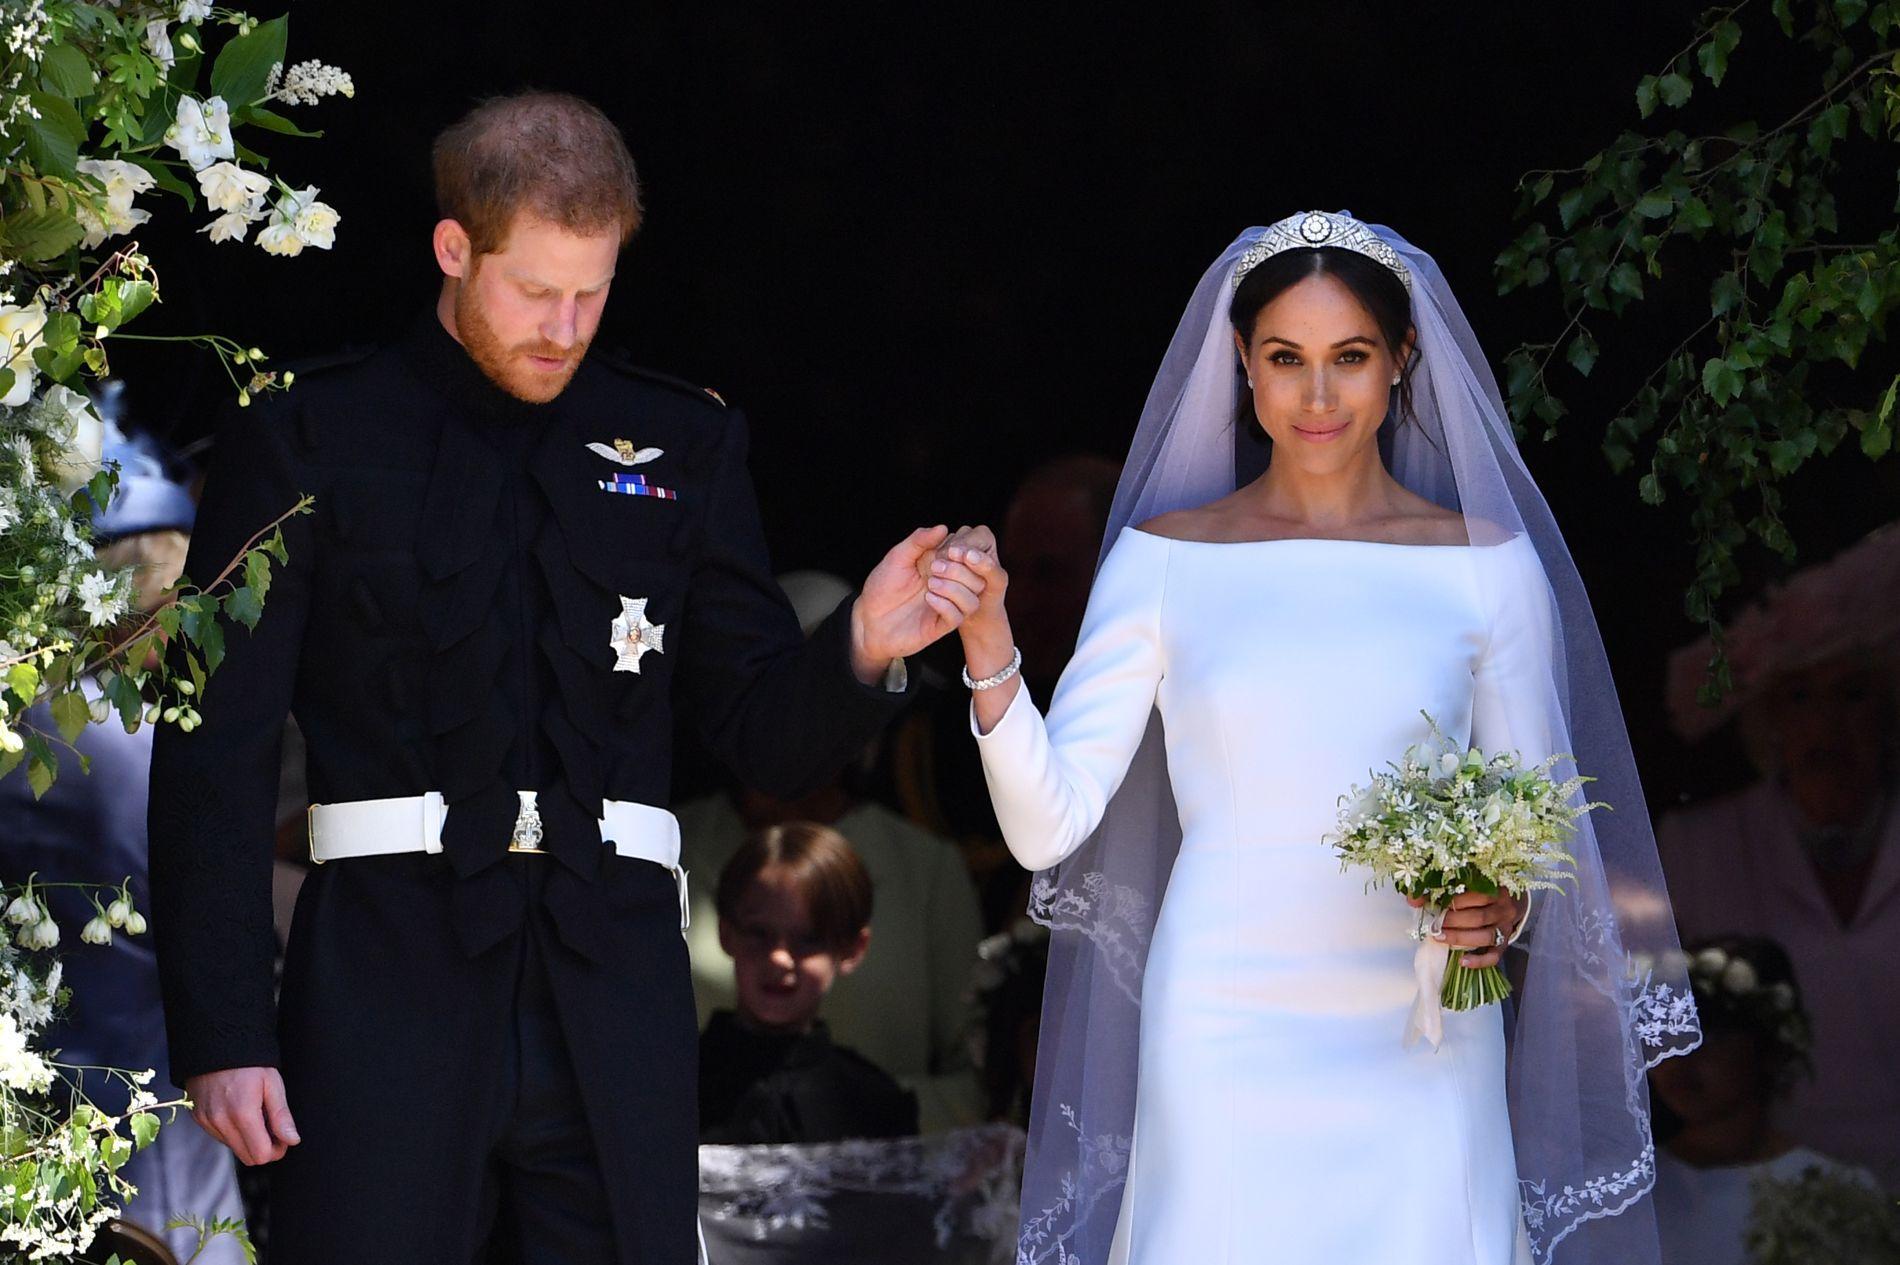 Le mariage de Meghan et Harry